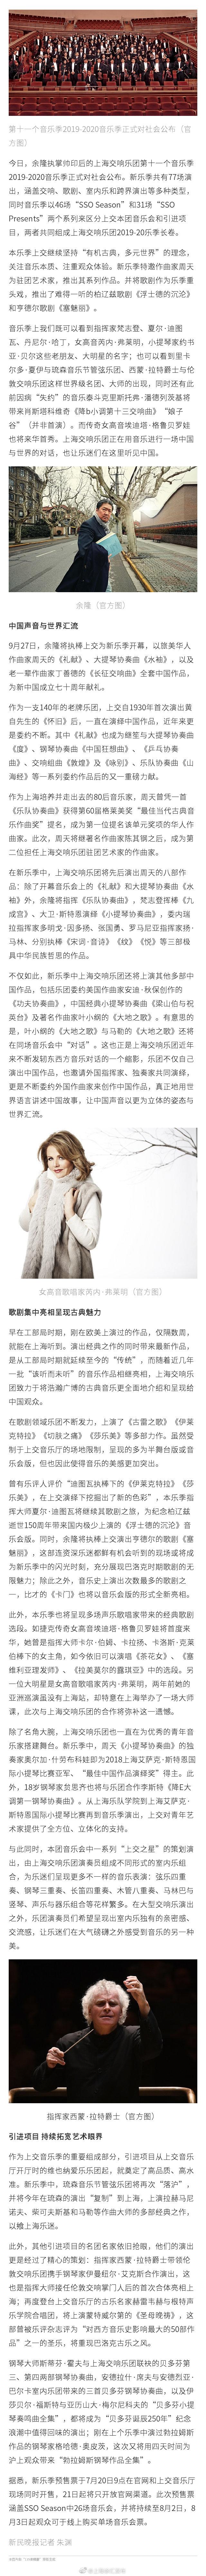 上海交响乐团发布新乐季 交响、歌剧、室内乐和跨界演出应有尽有